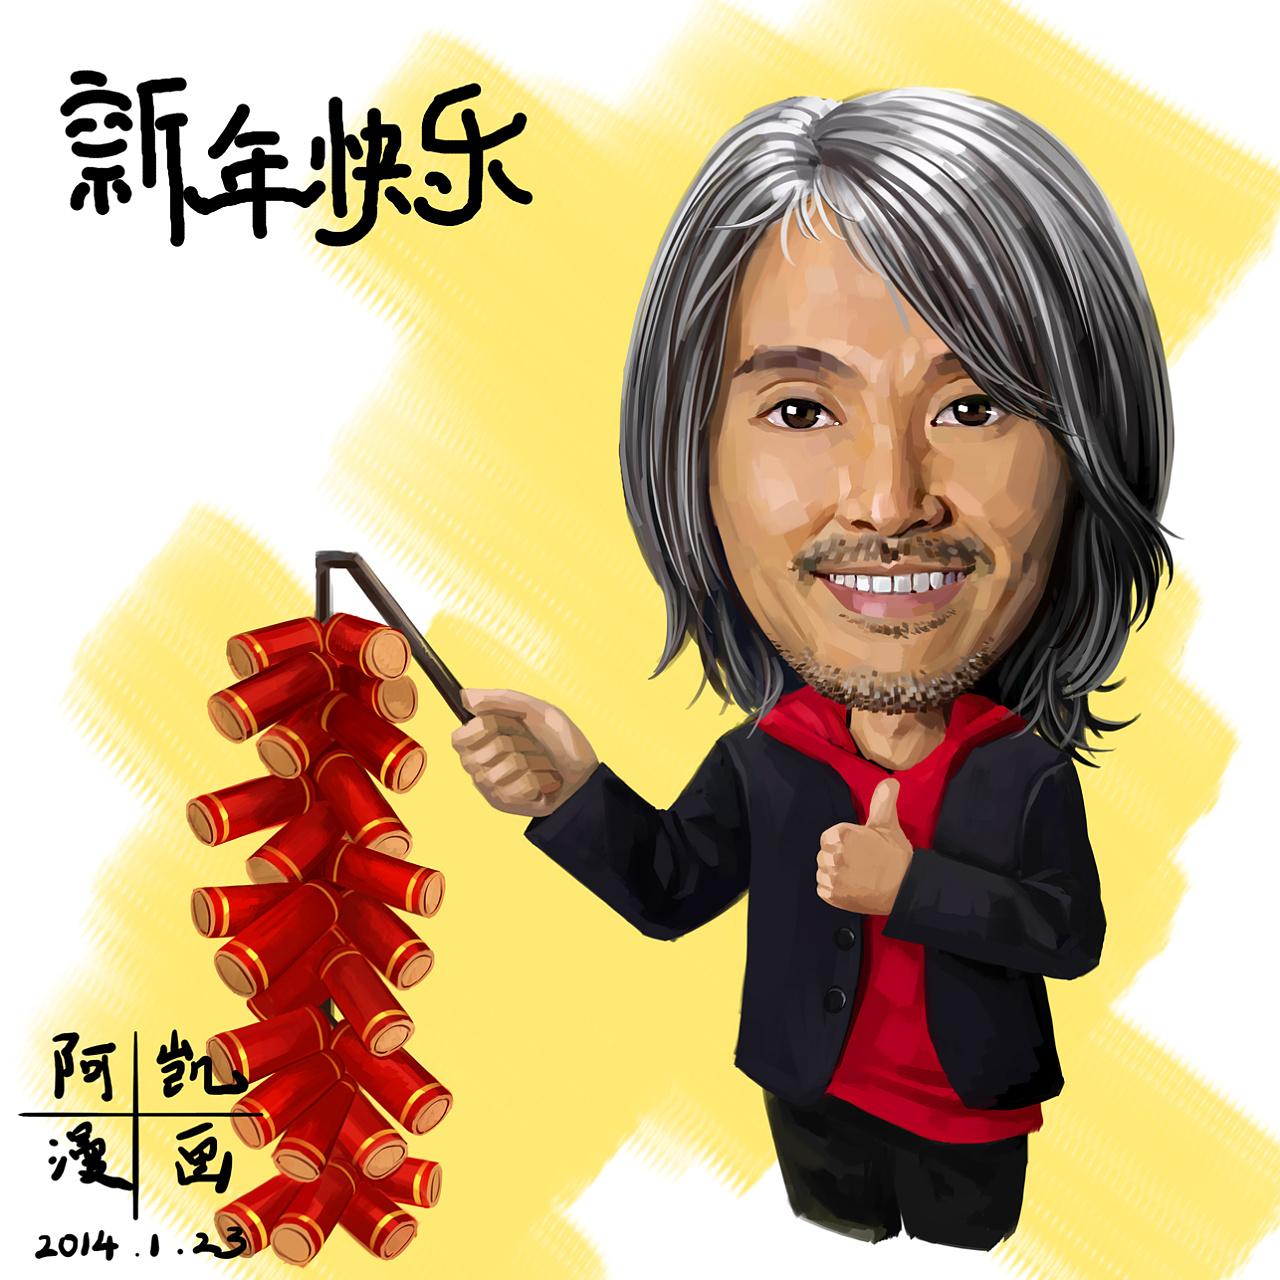 香港喜剧明星周星驰肖像画像2